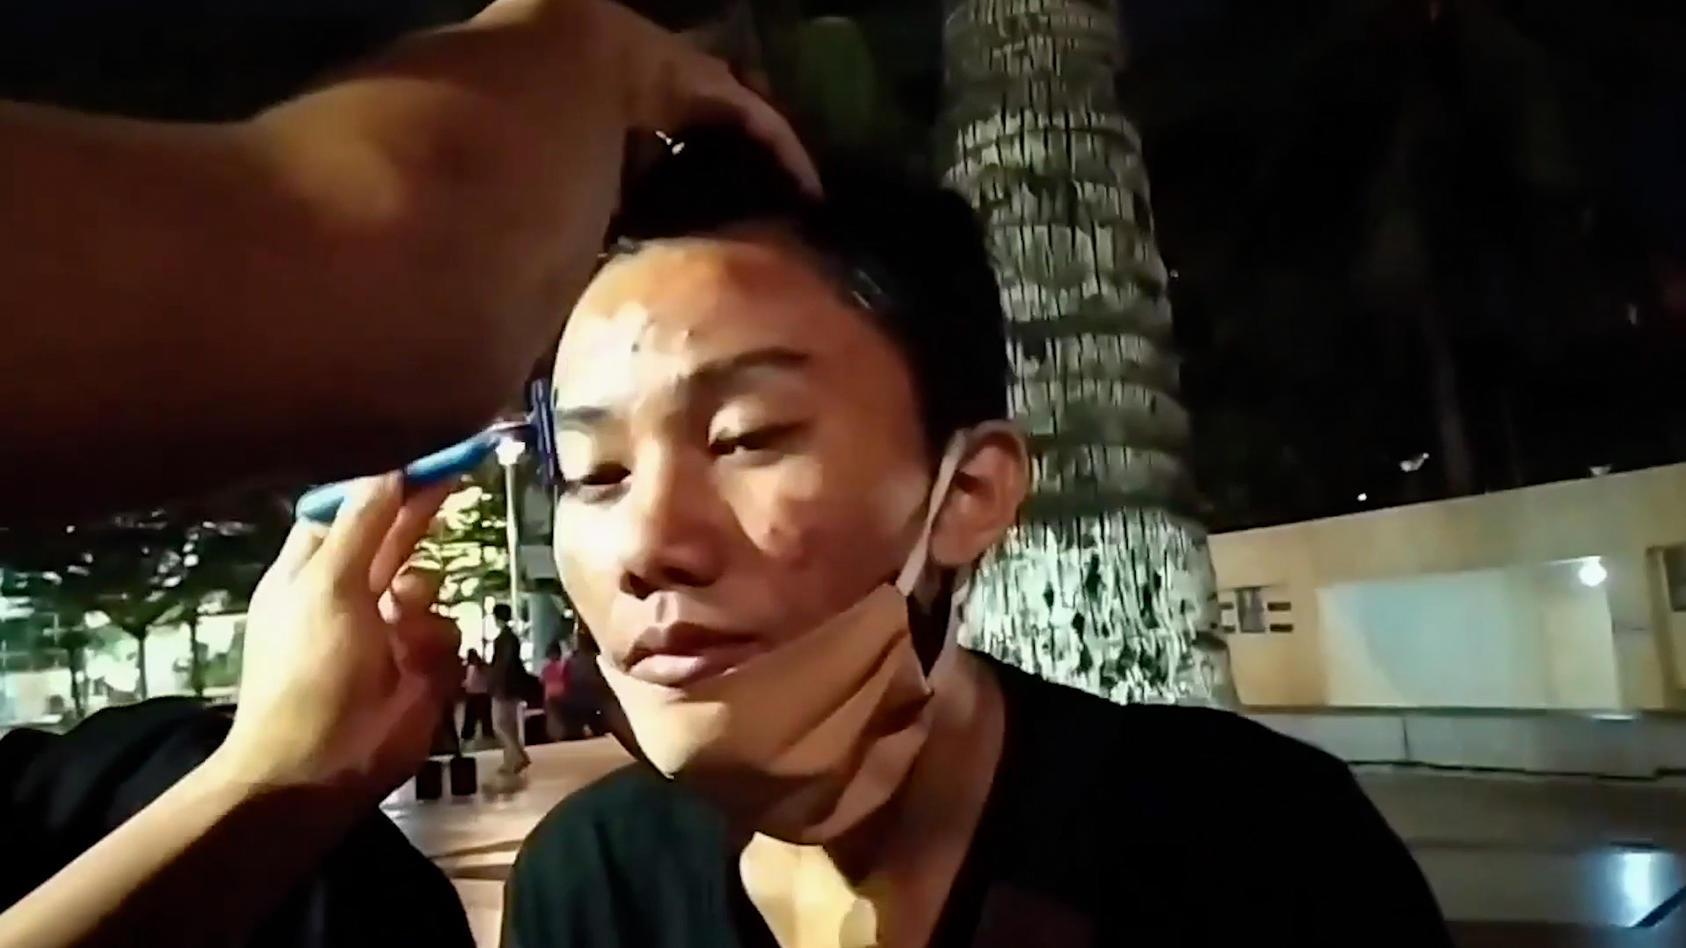 In Südsulawesi in Indonesien hat die Polizei zwei Teenagern zur Strafe die Augenbrauen abrasiert.